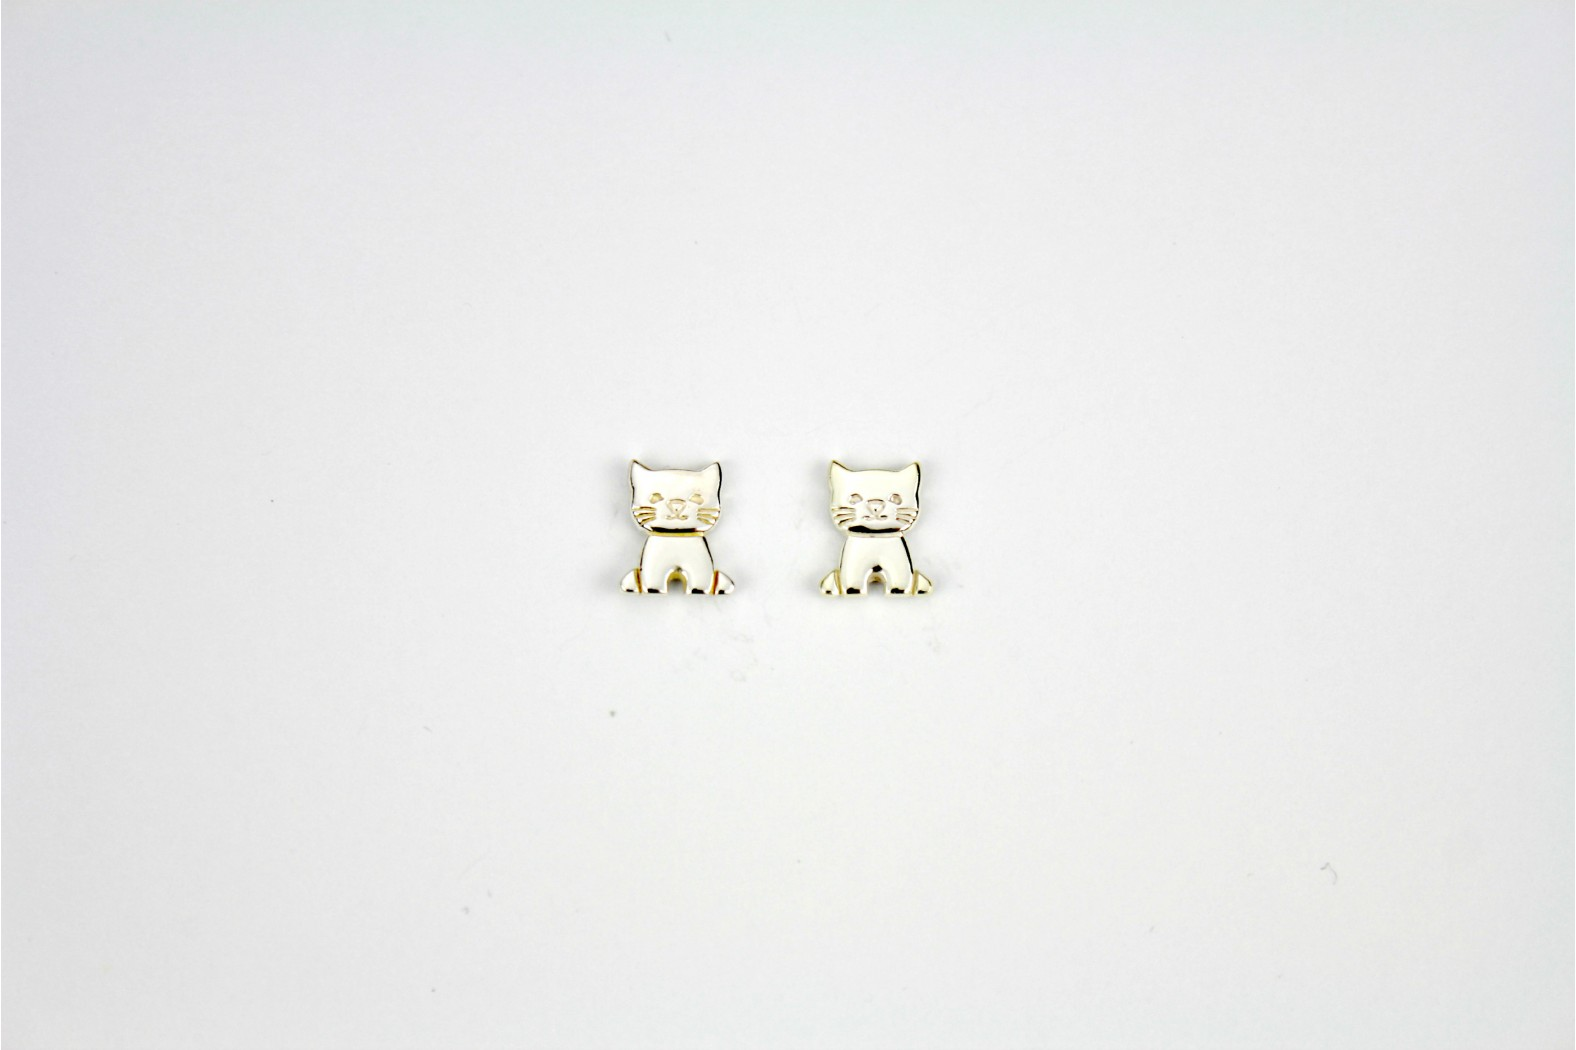 Beautiful Bright Silver front facing cat stud earrings